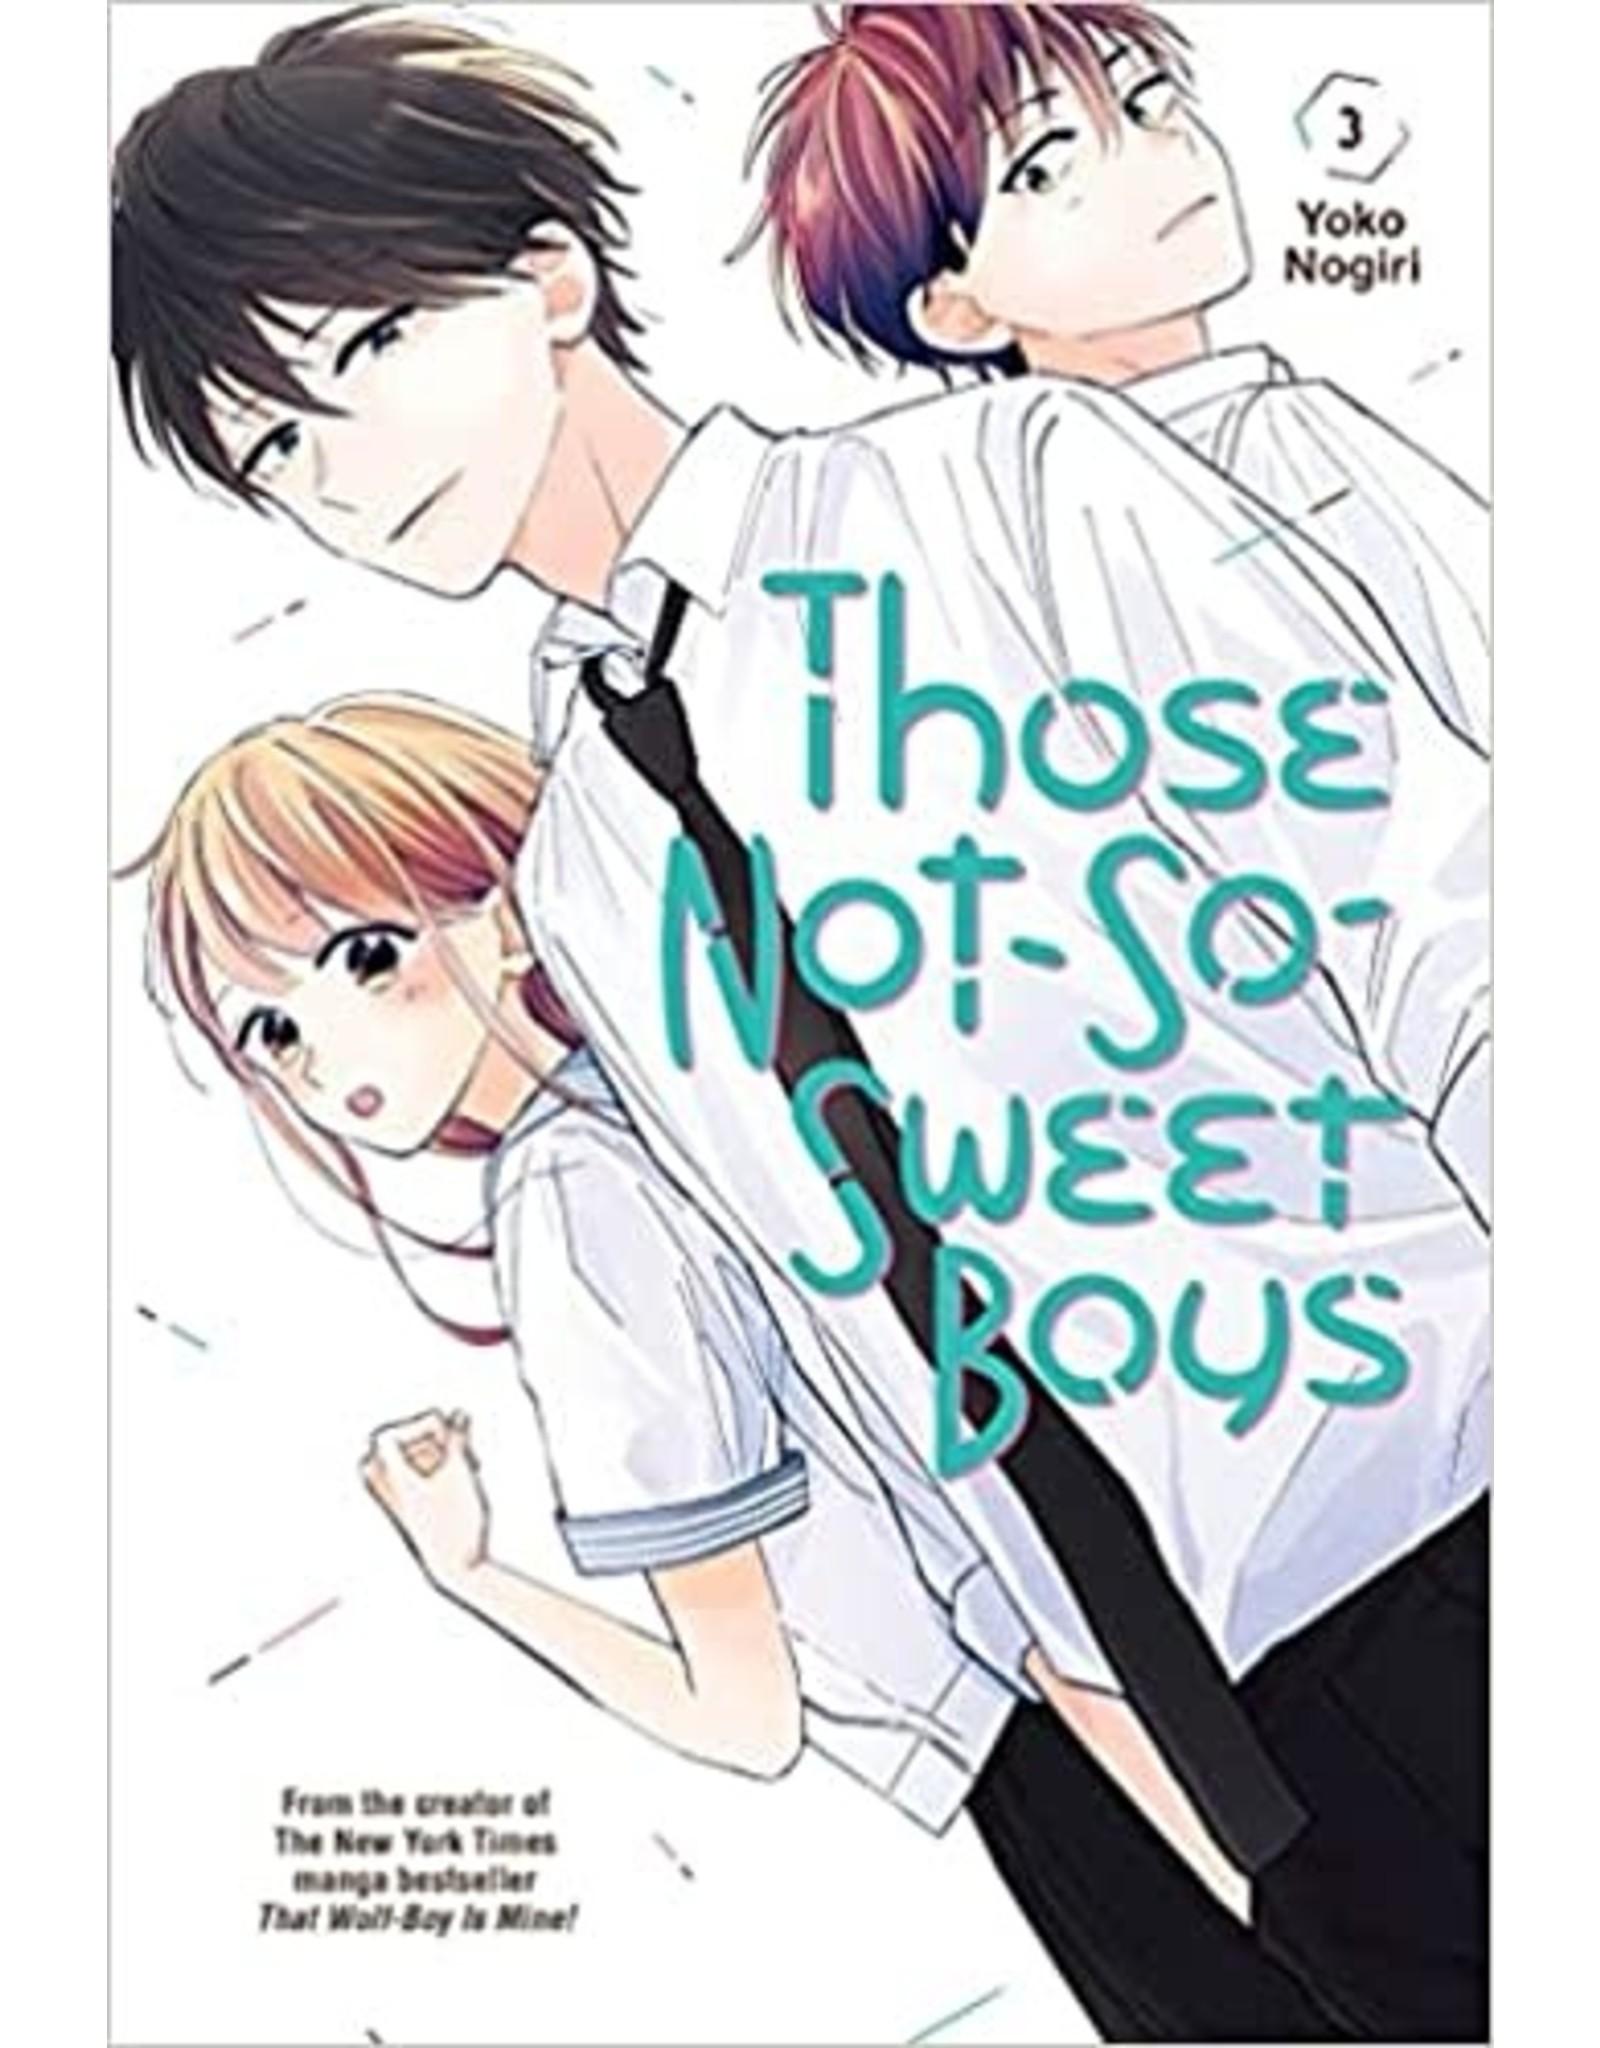 Those Not-So-Sweet Boys 3 (English) - Manga